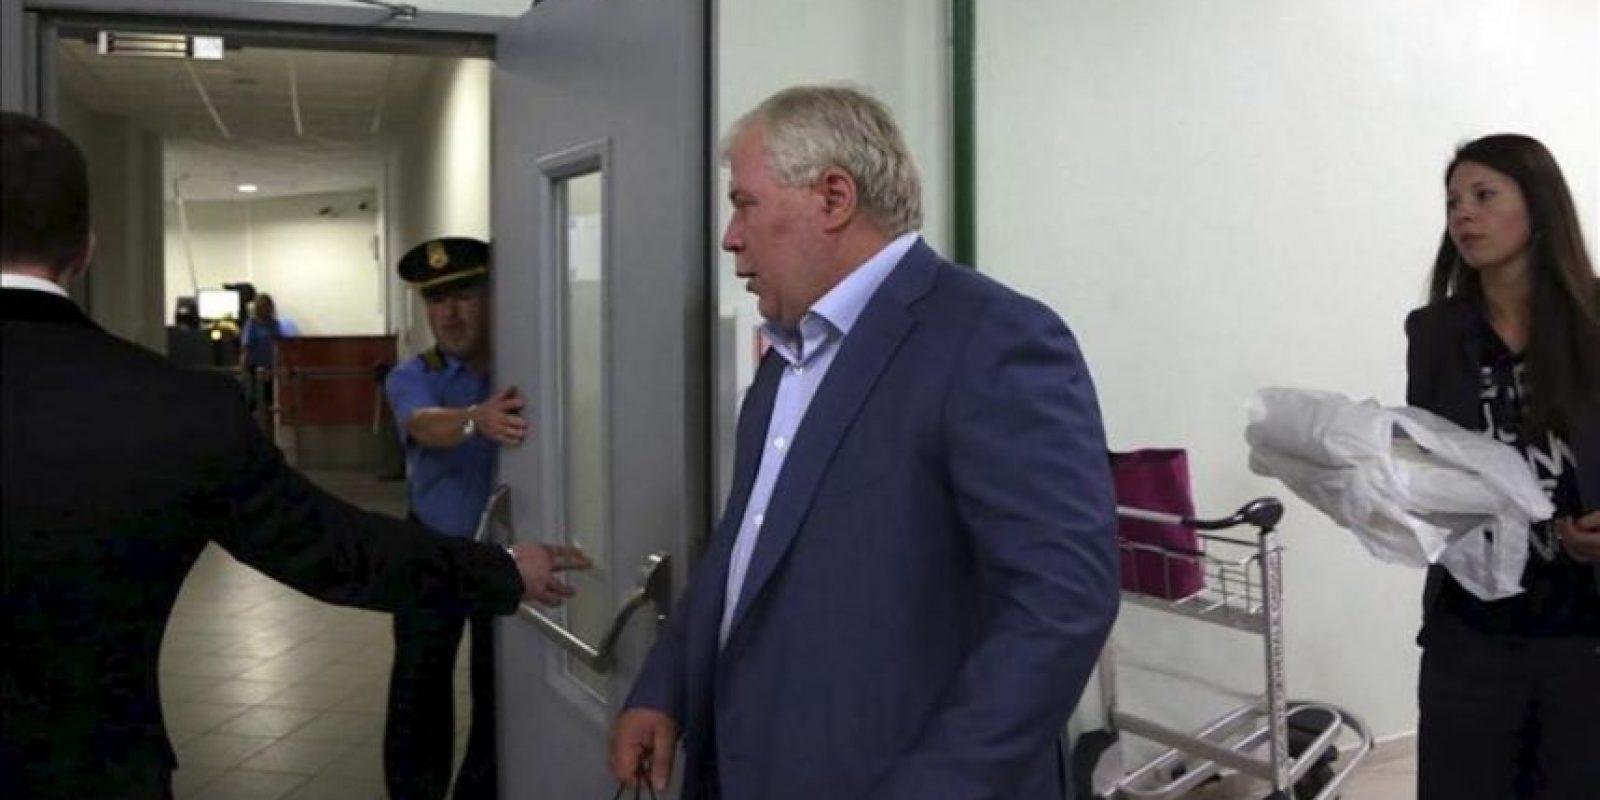 El abogado ruso Anatoly Kucherena (c), que asiste al exanalista de la CIA perseguido por EEUU, Edward Snowden, a su llegada a la zona de tránsito de la terminal E del aeropuerto de Sheremetyevo, en Moscú, Rusia, hoy 24 julio de 2013. EFE